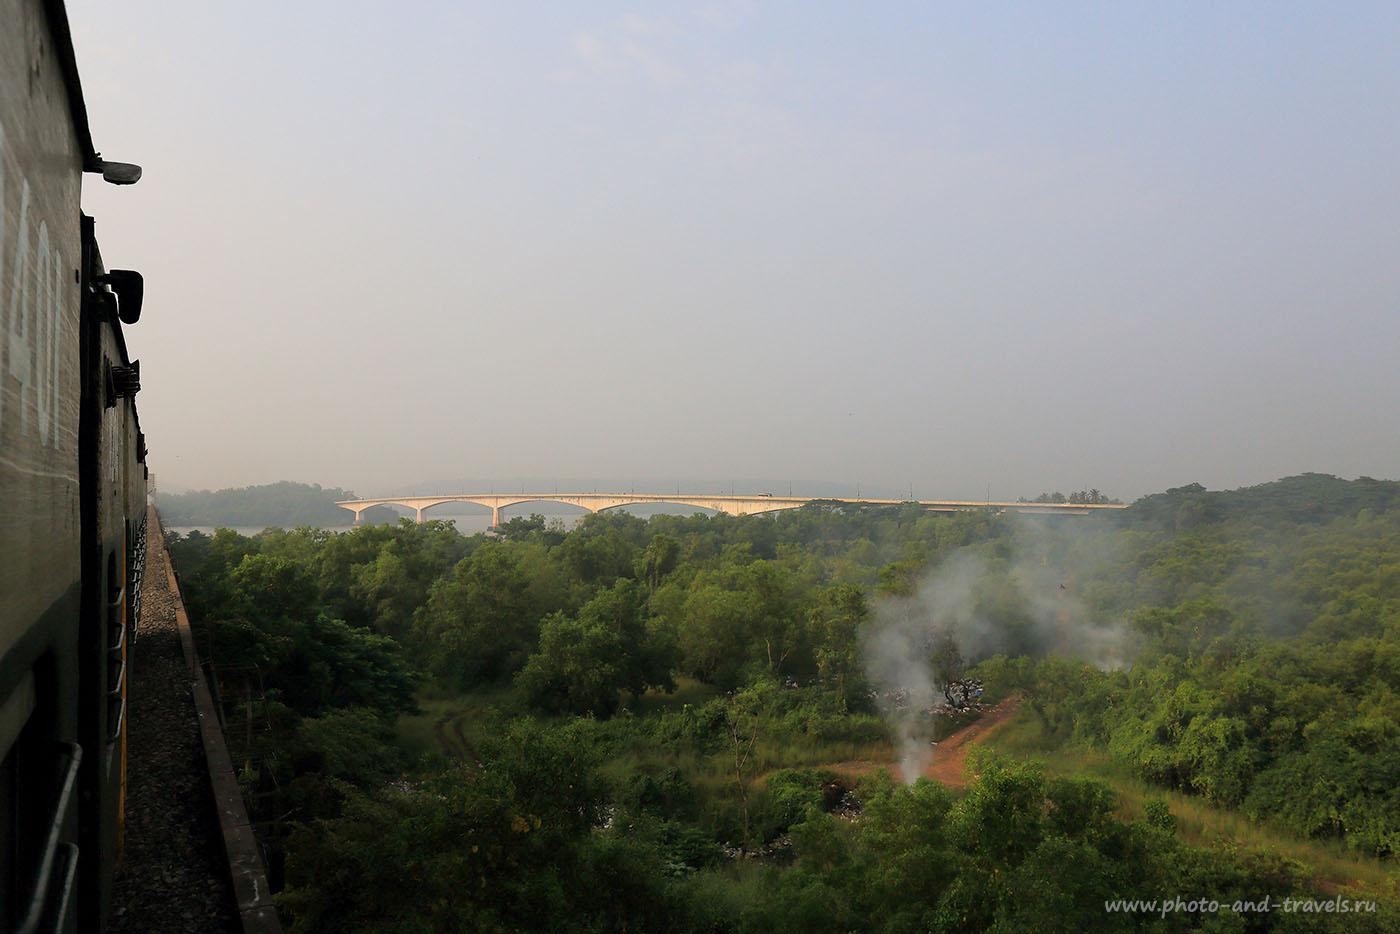 13. Поезд, мост, помойка. Отзывы об отдыхе в Индии самостоятельно в несезон. (24-70, 1/1250, -1eV, f9, 24mm, ISO 250)